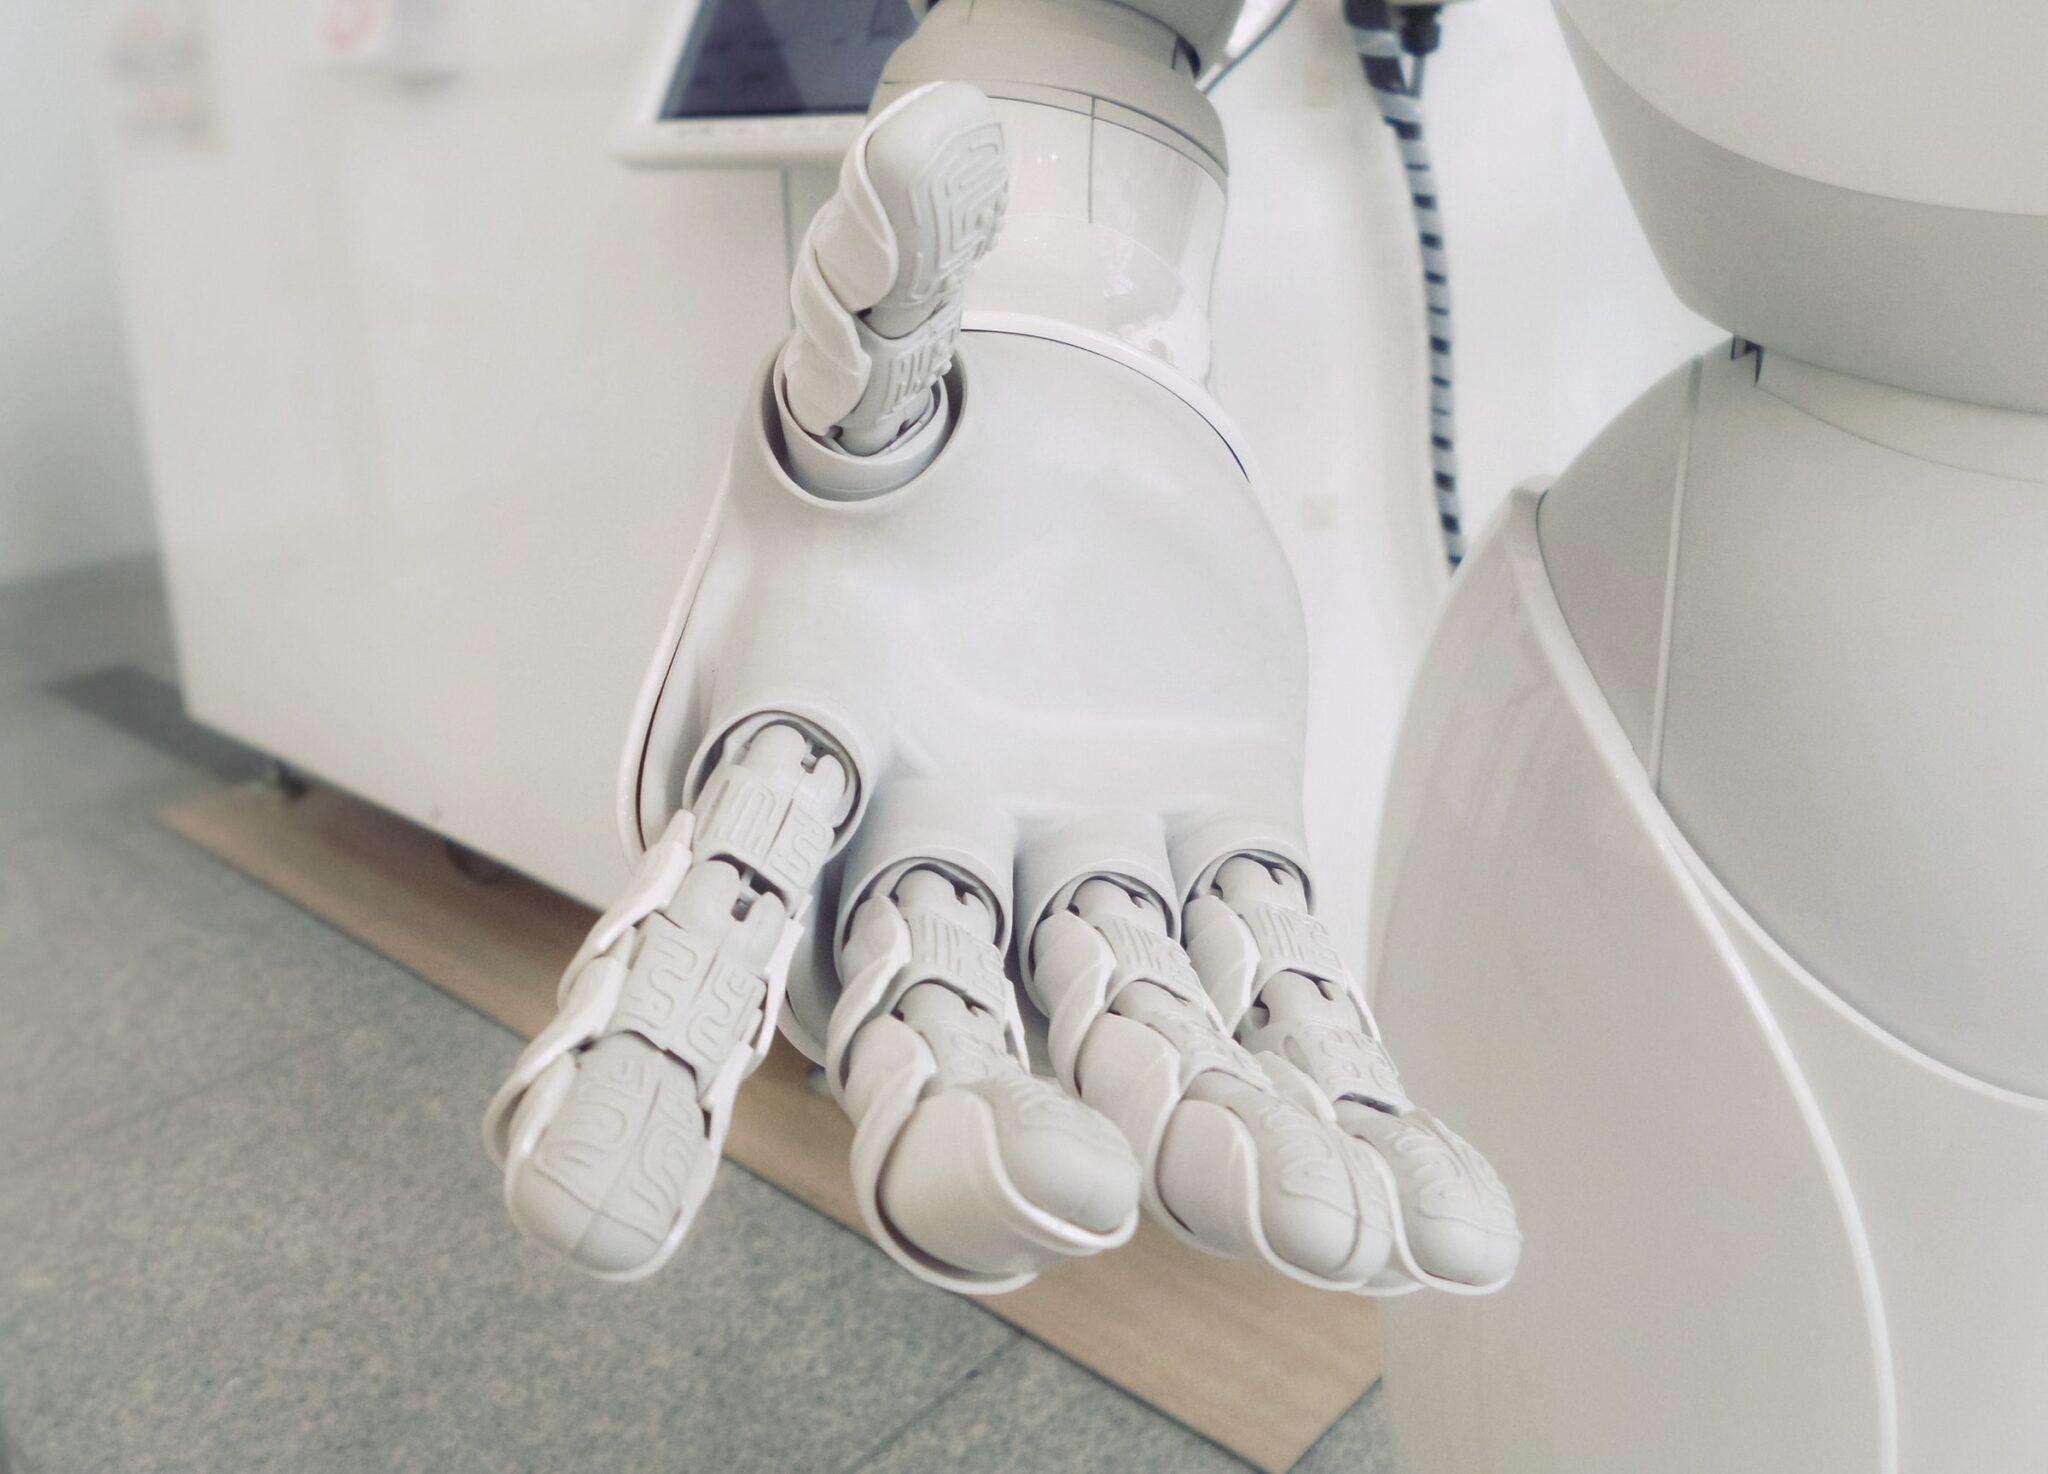 weisser Roboterarm vor weissem Hintergrund